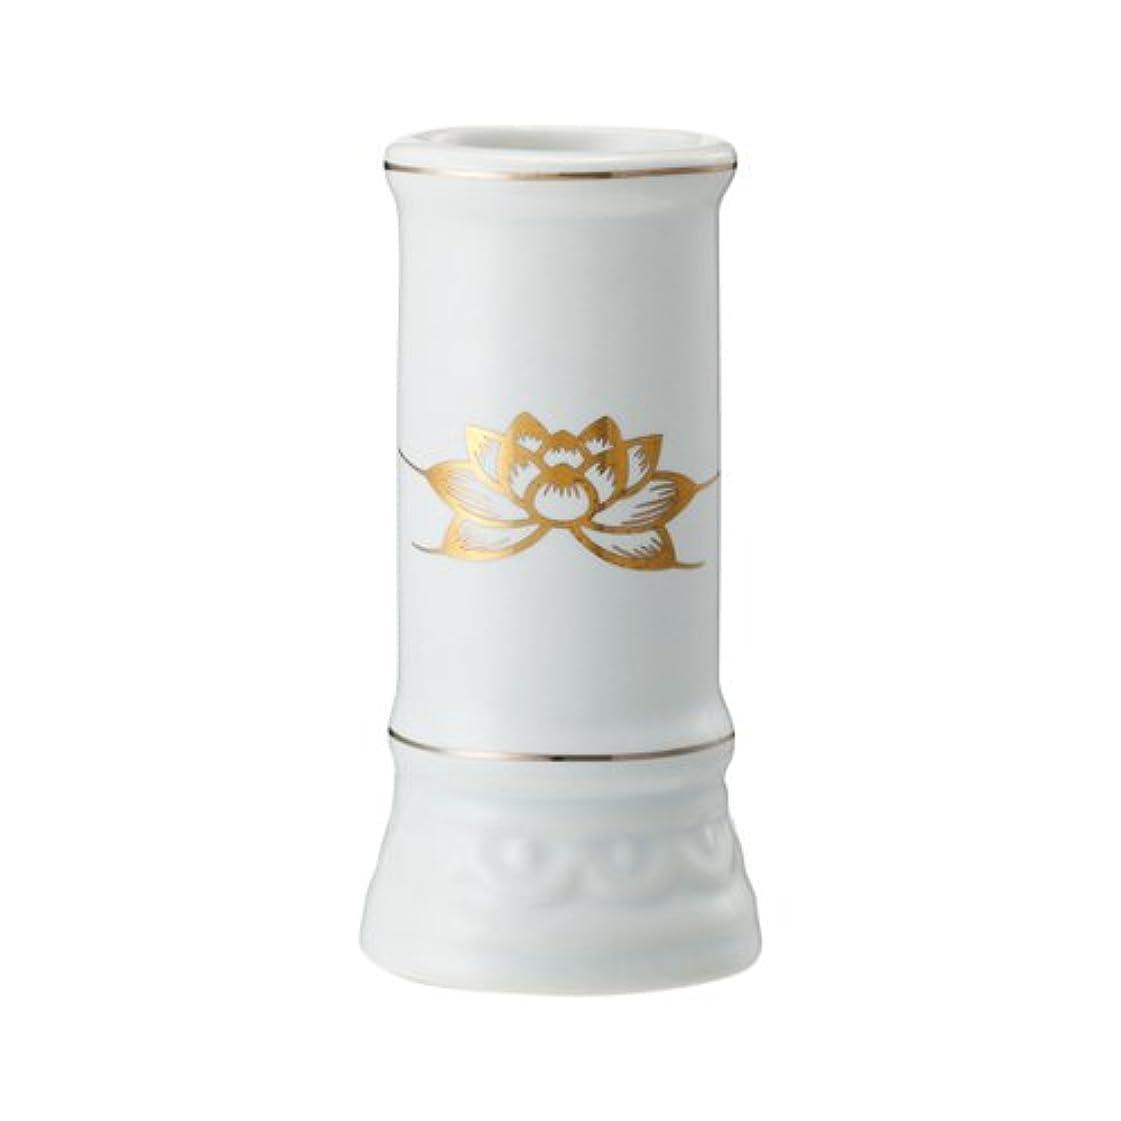 額安全性レンディション日本香堂 線香立て ミニ陶器白磁